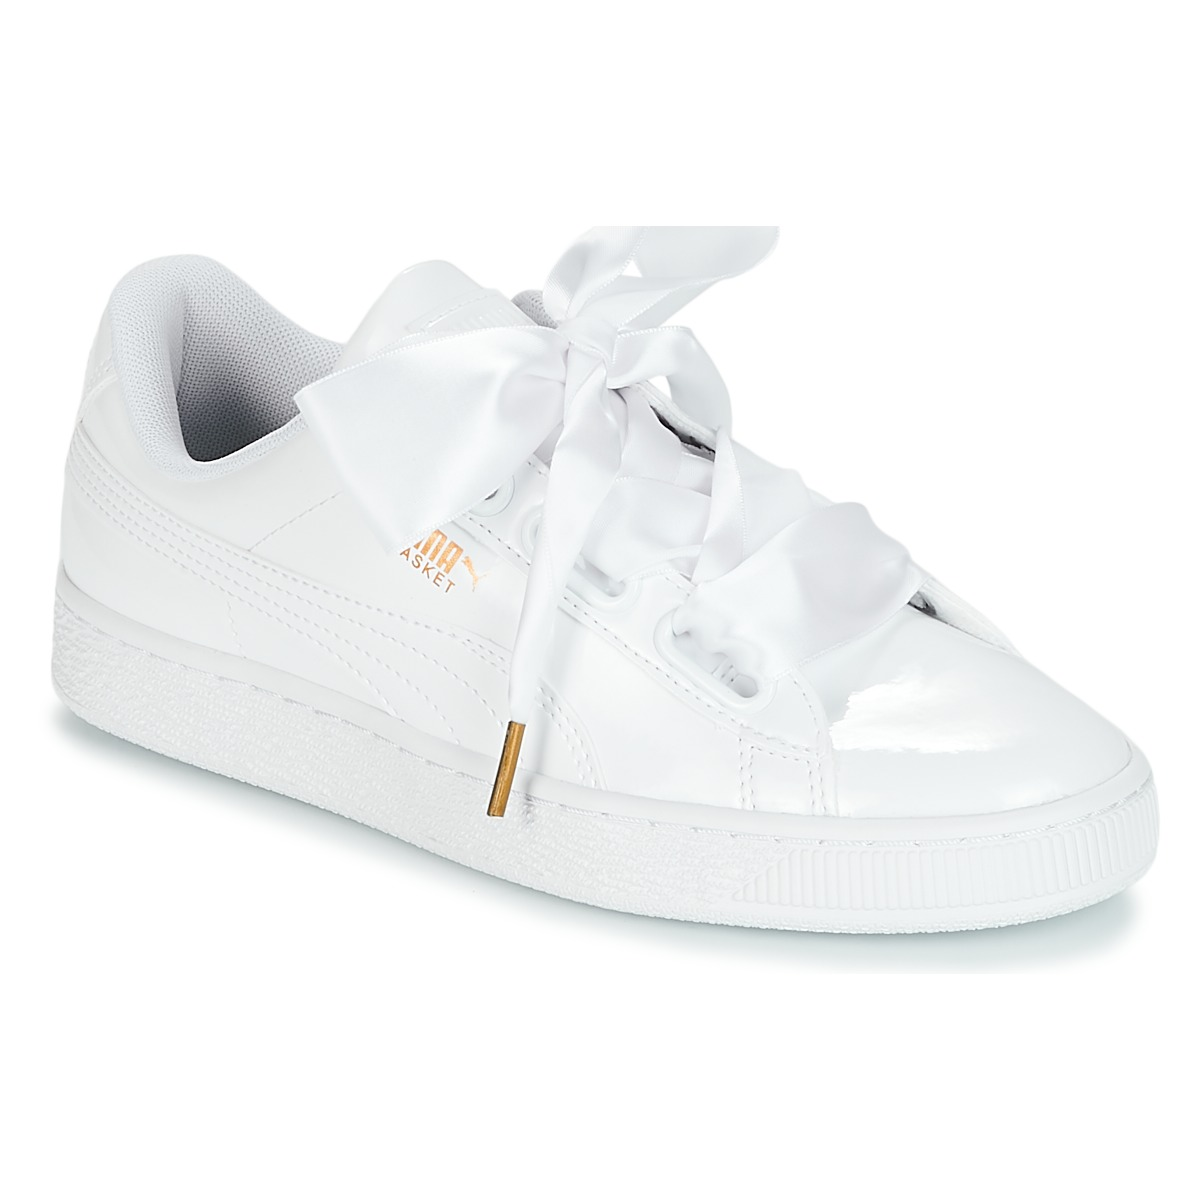 Puma BASKET HEART PATENT WN'S Weiss - Kostenloser Versand bei Spartoode ! - Schuhe Sneaker Low Damen 79,19 €